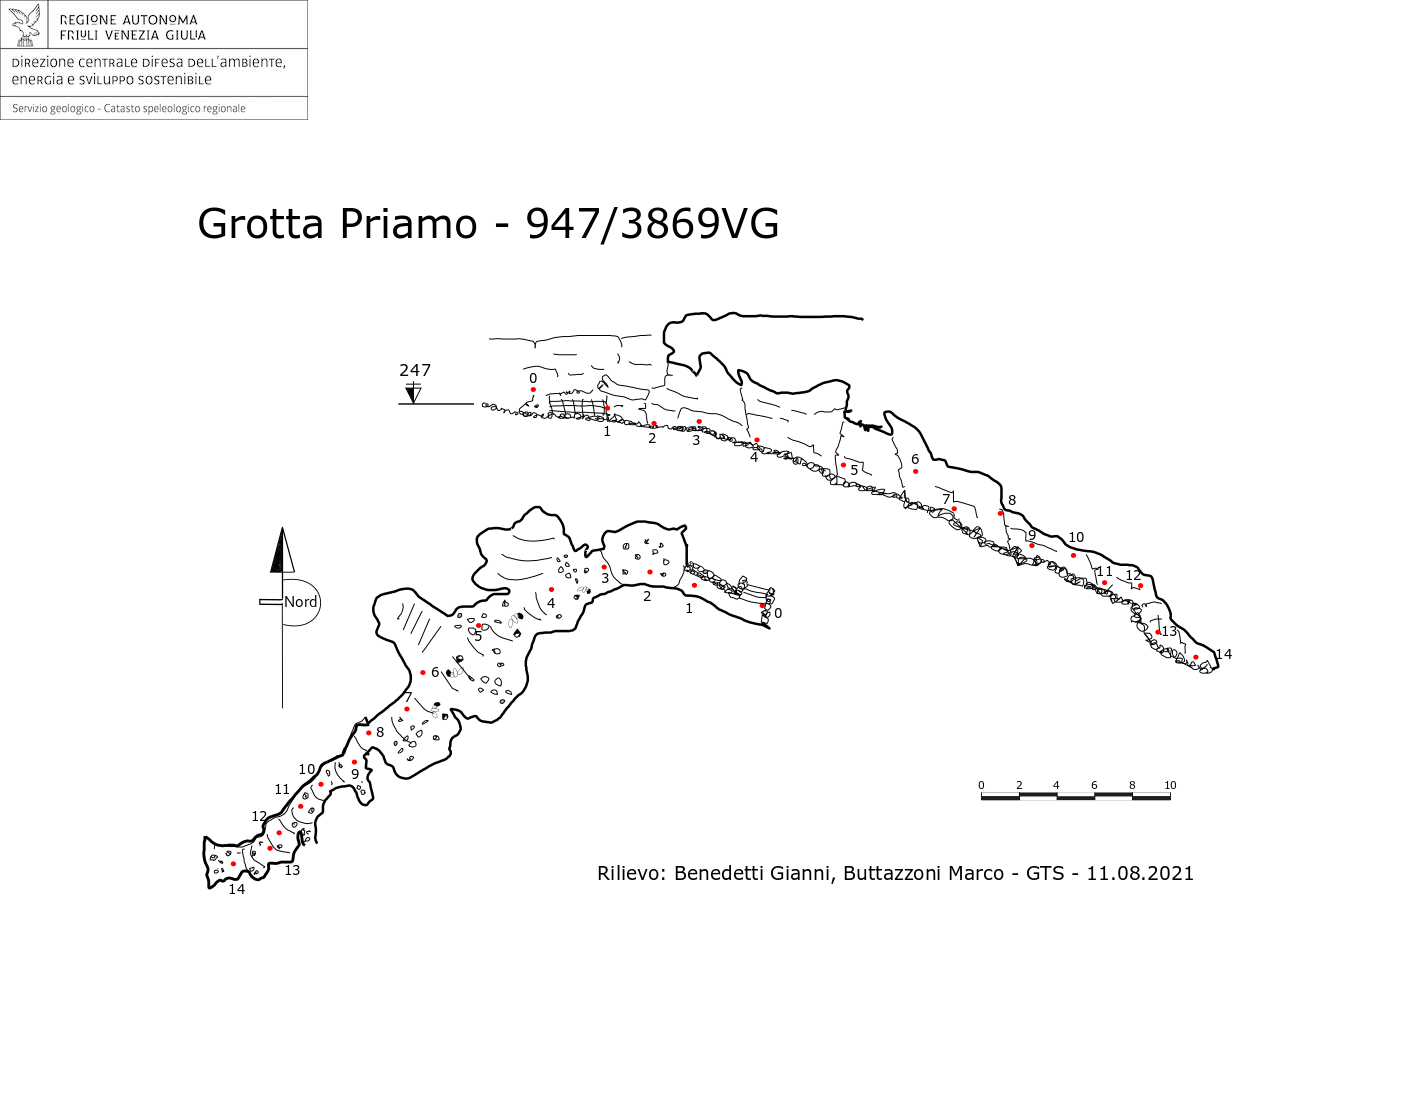 Grotta Priamo